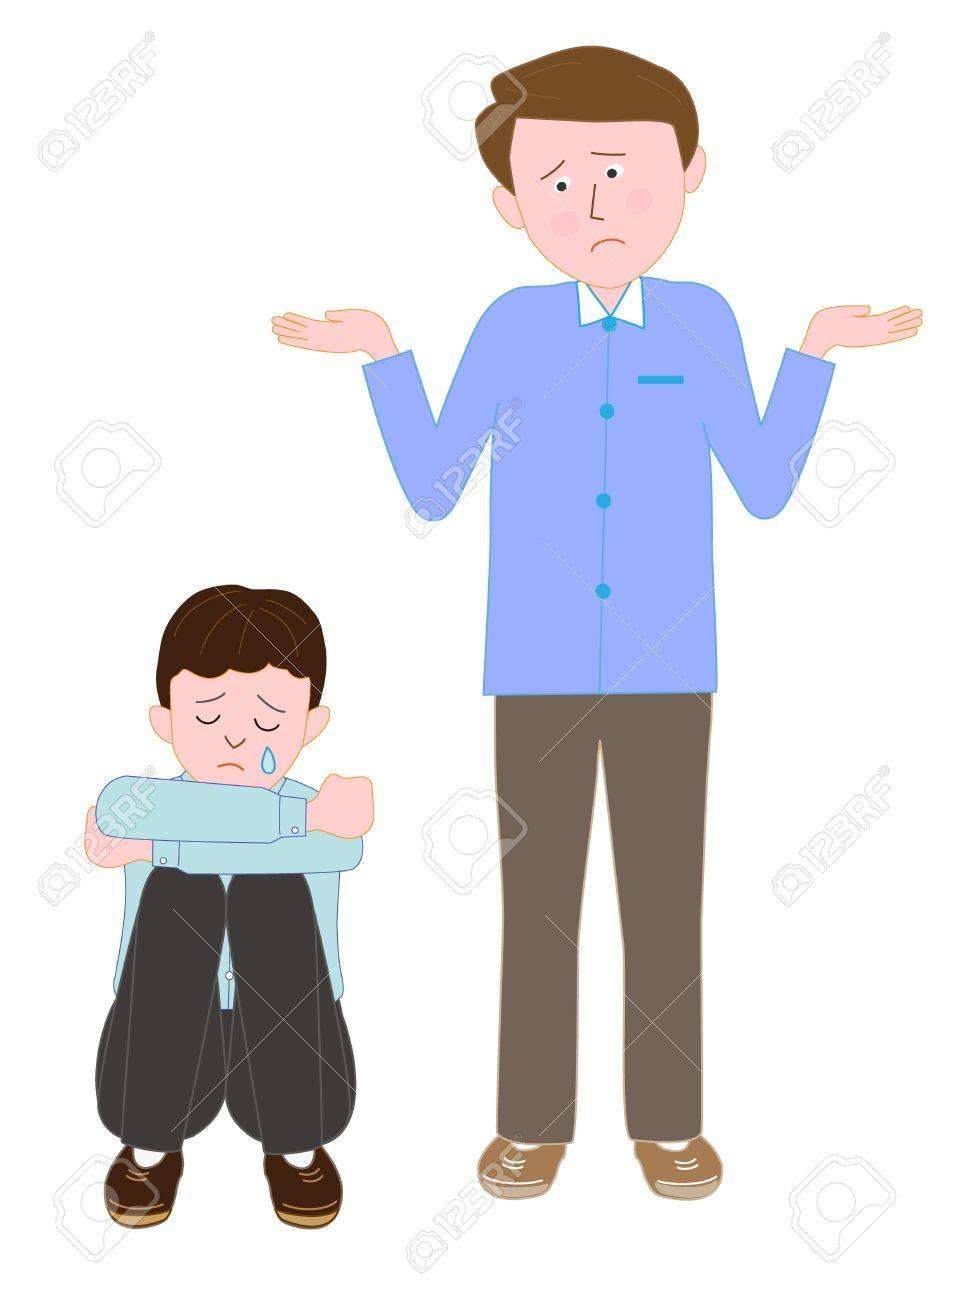 混乱している人に泣いている子のイラスト素材 ベクタ Image